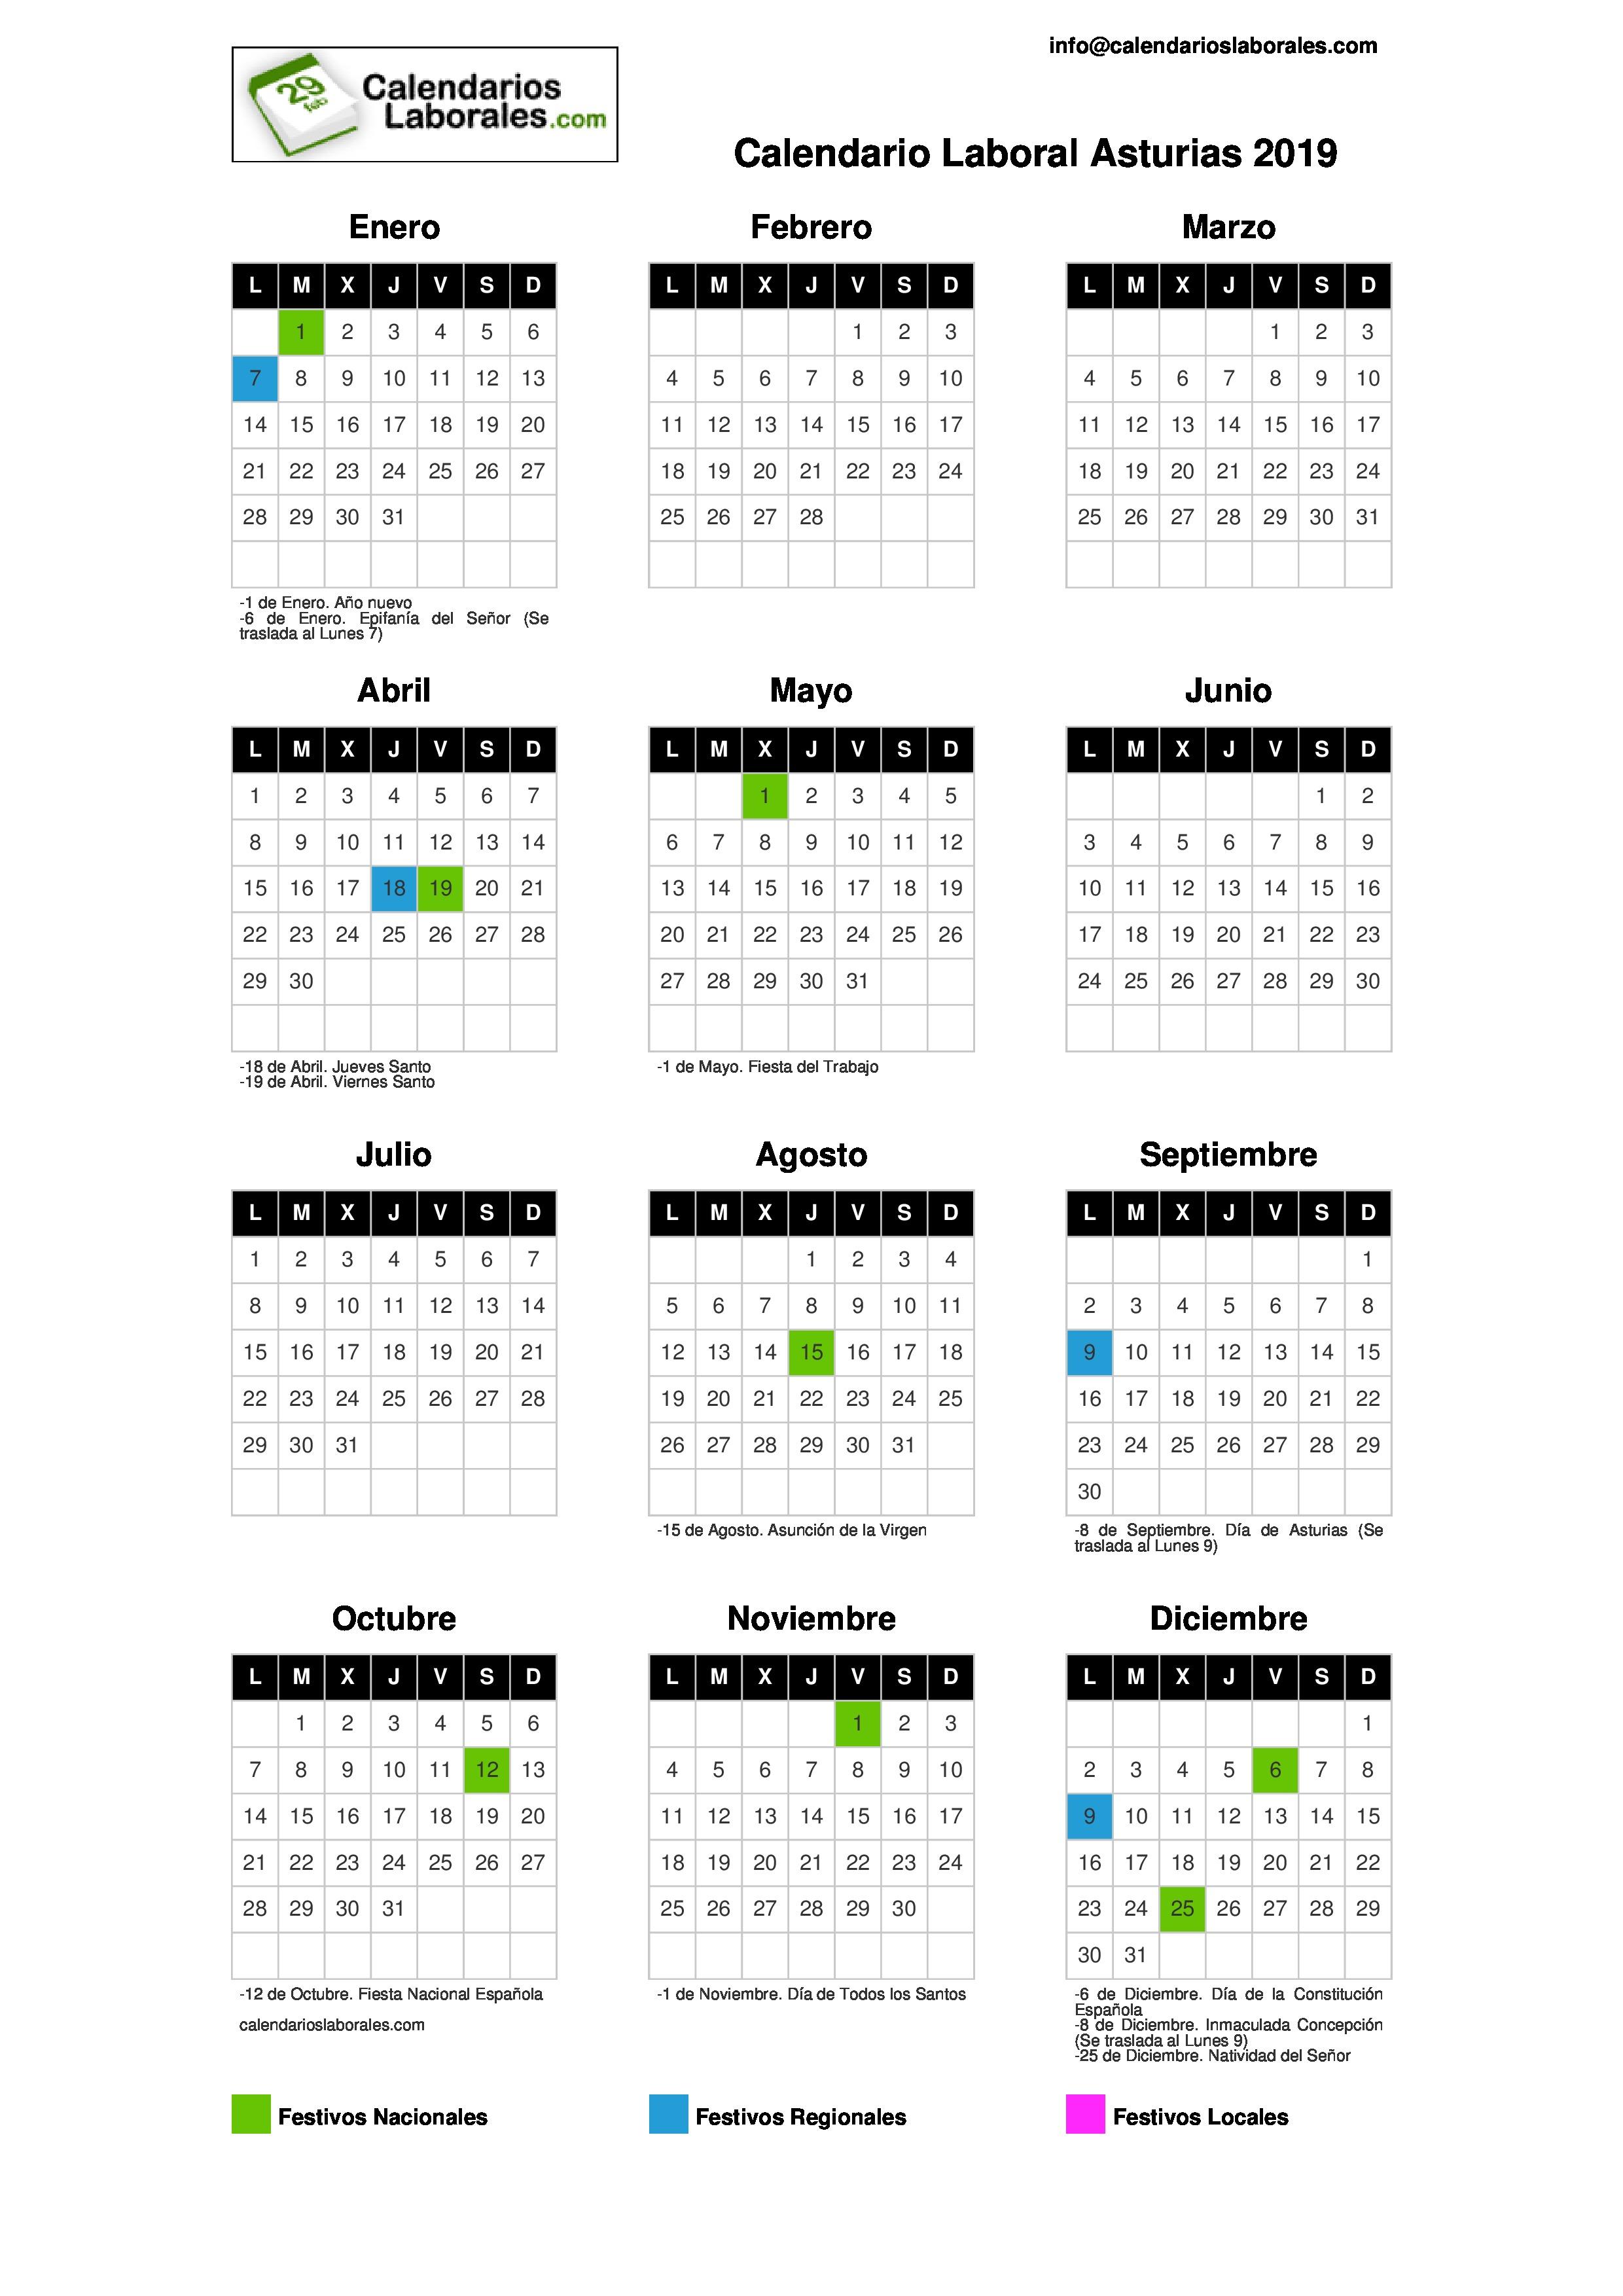 Calendario 2019 Festivos Guipuzcoa 2